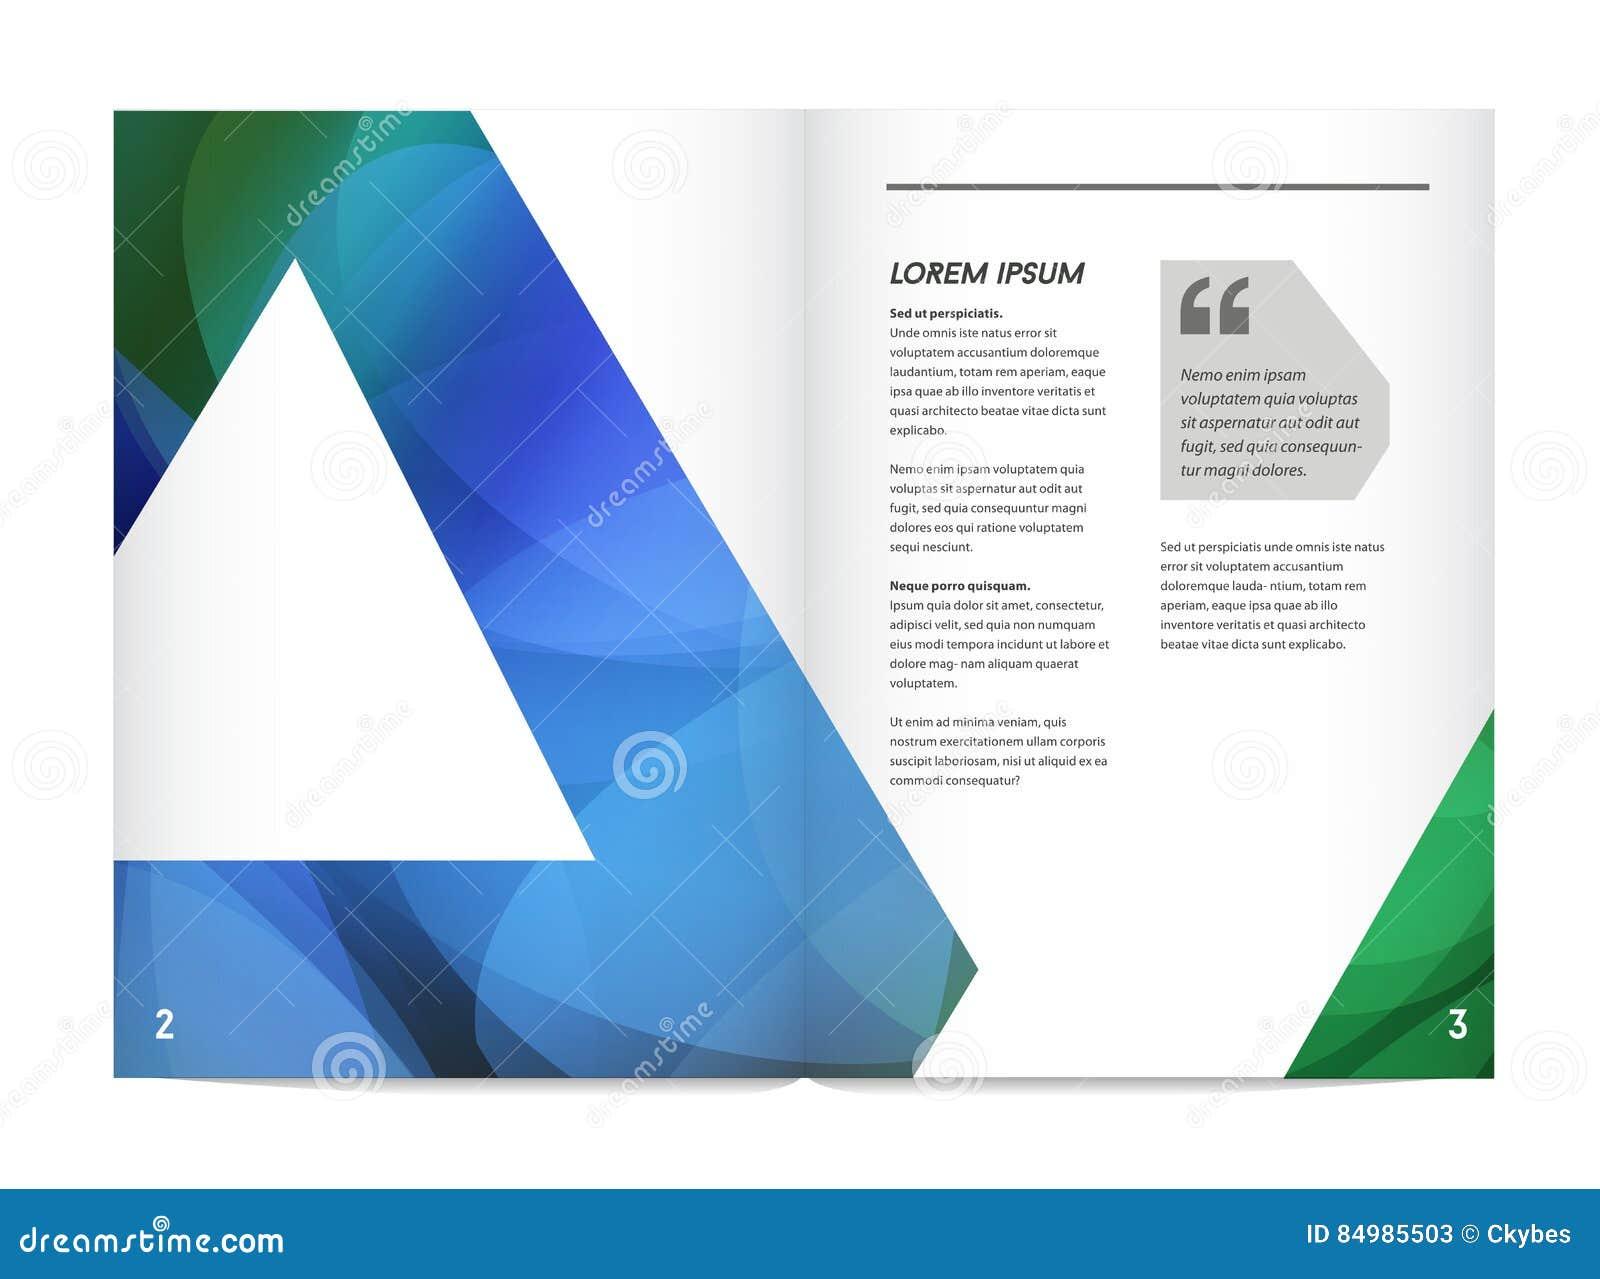 Визуальная идентичность с градиентами элементов логотипа письма яркими смешивает